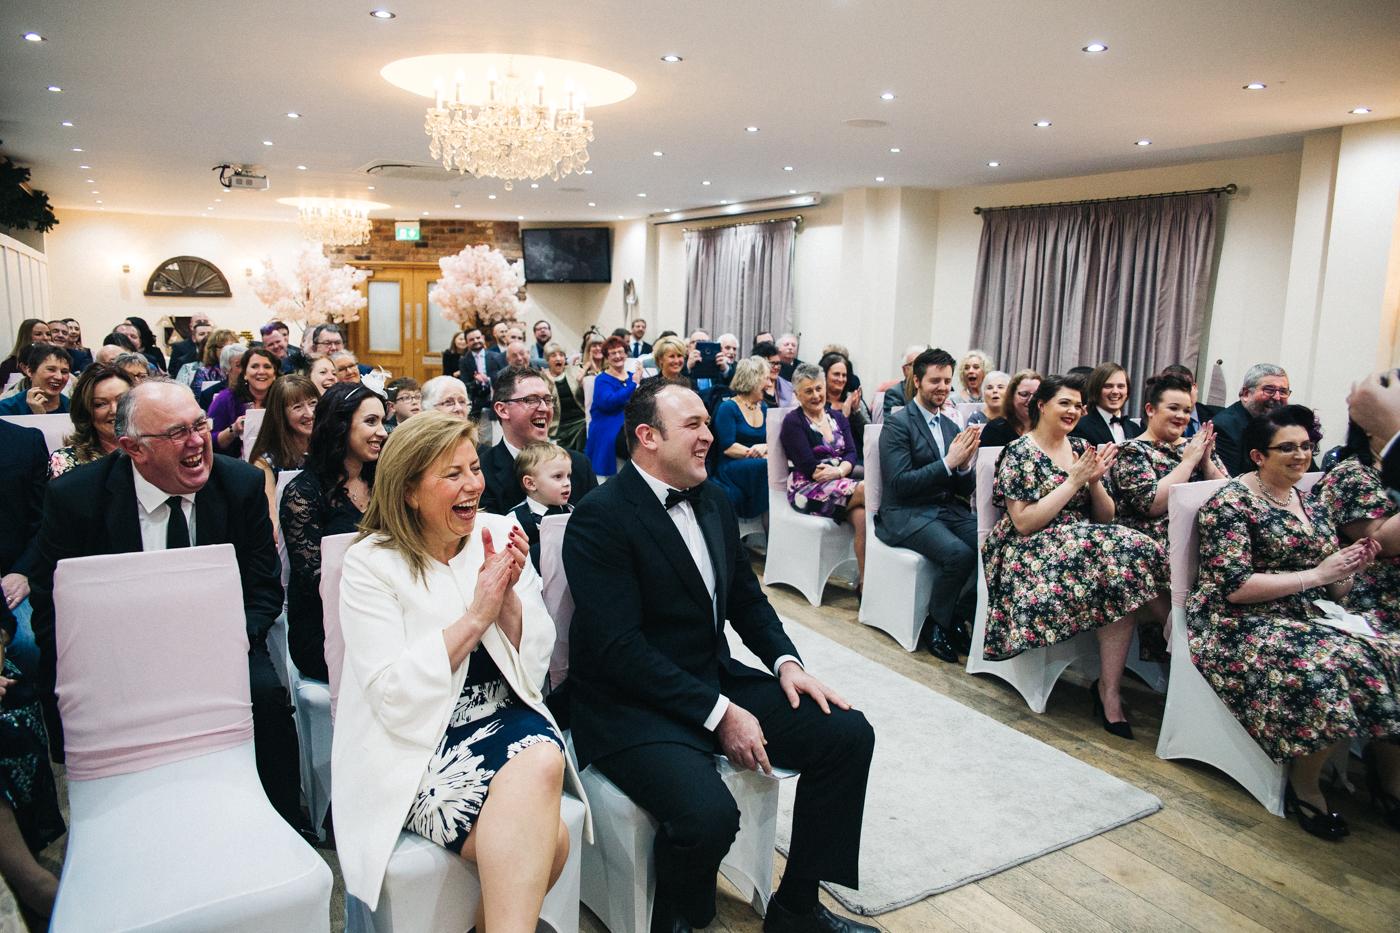 derby-derbyshire-wedding-photographer-creative-white-hart-inn-wedding-0027.jpg